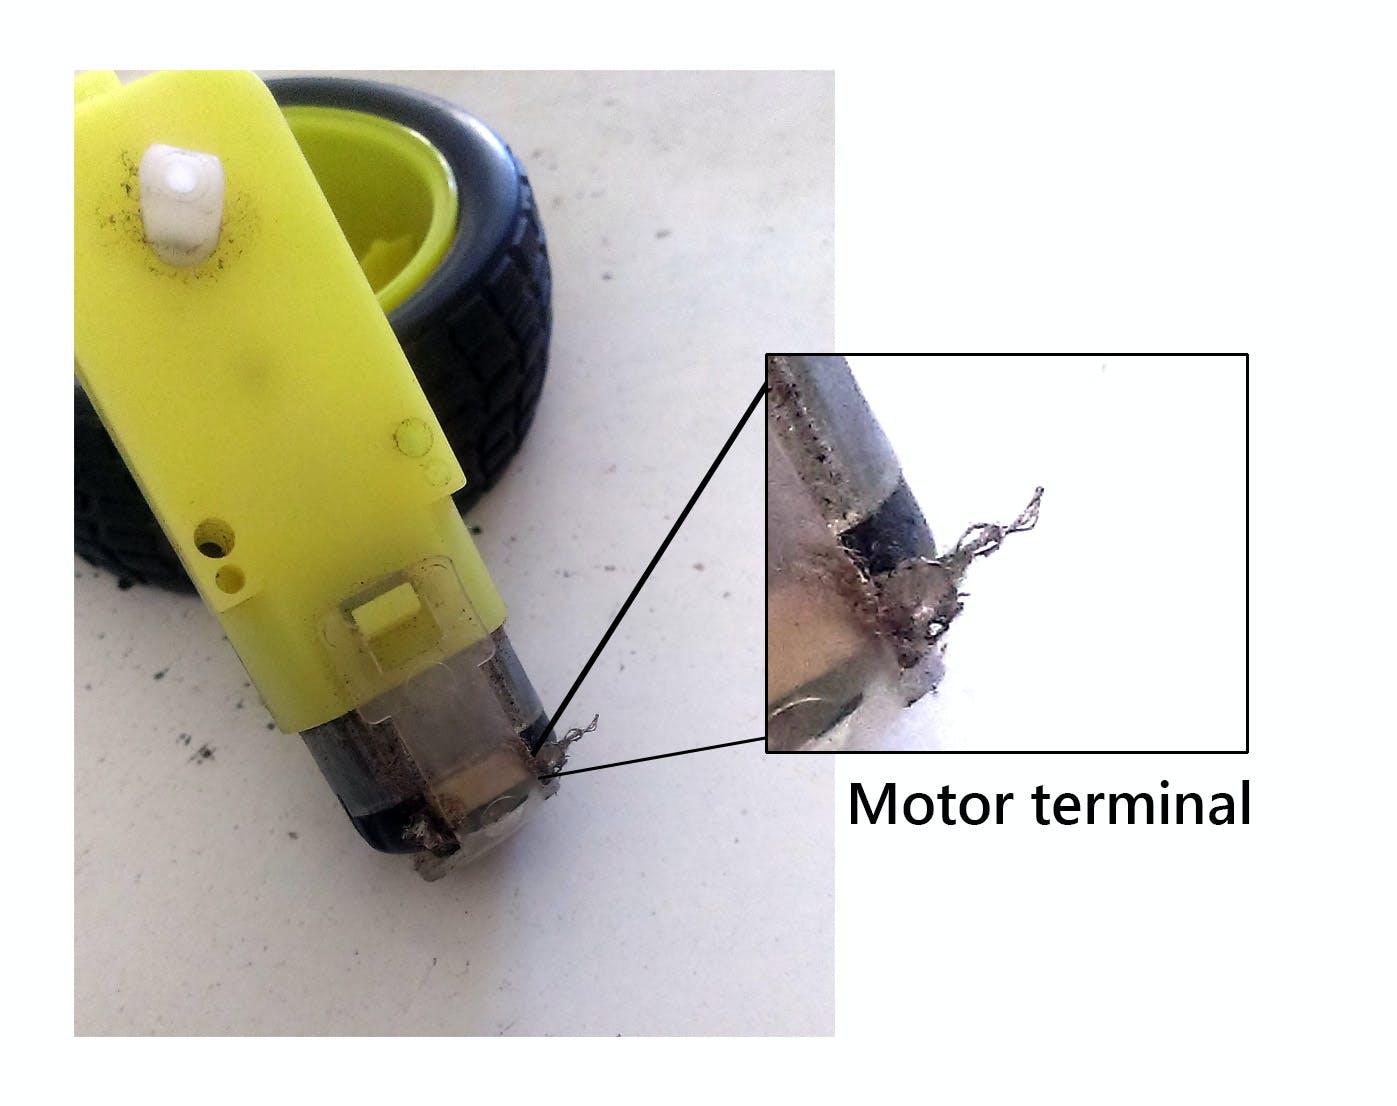 Motor terminal